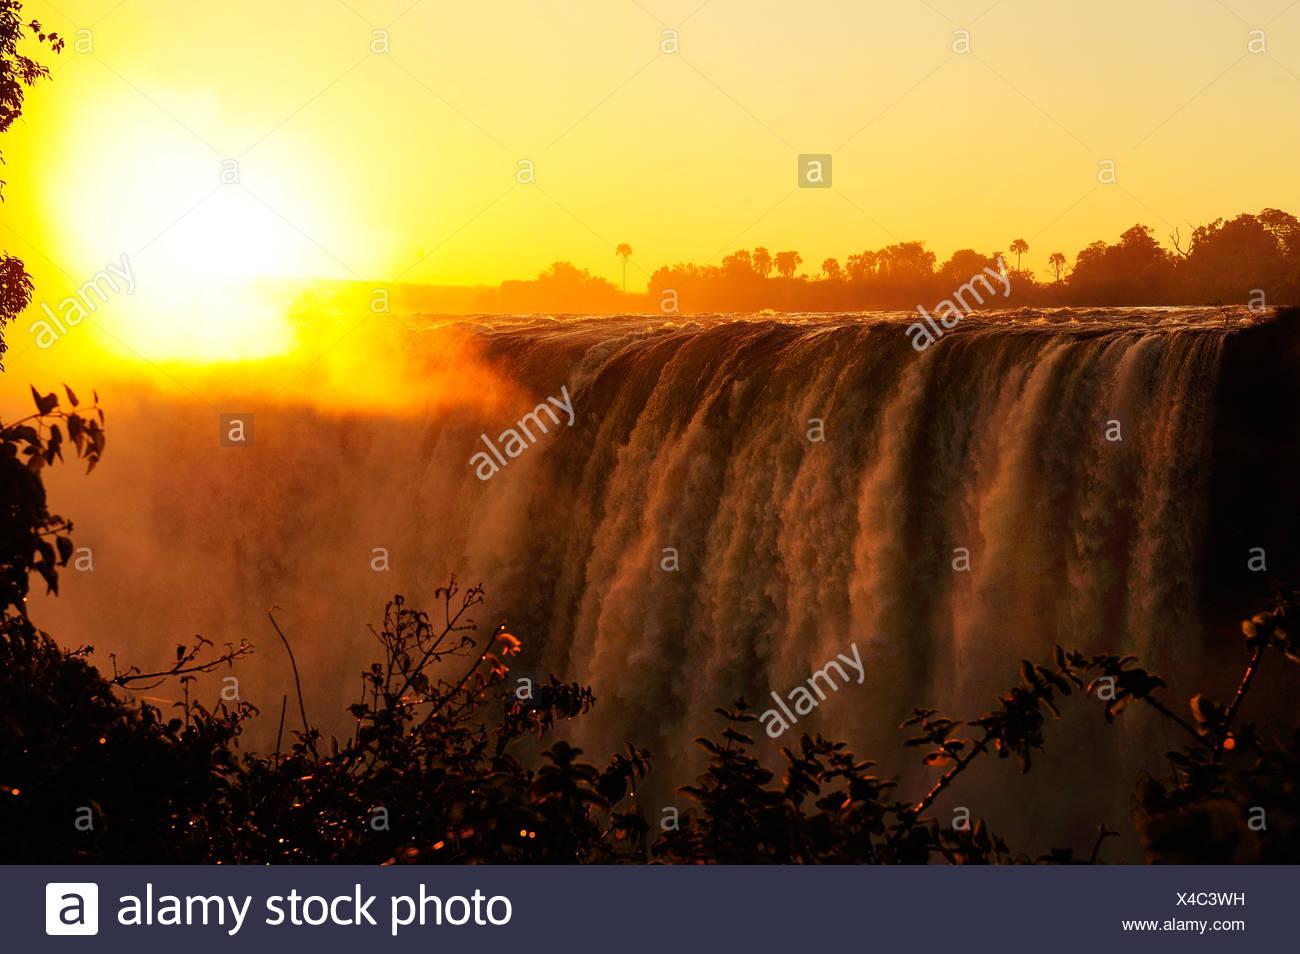 L'Afrique, le Zimbabwe, le Zambèze, fleuve, le sud de l'Afrique, les chutes Victoria, cascade, eau, canyon, gorge, soleil, coucher du soleil Photo Stock